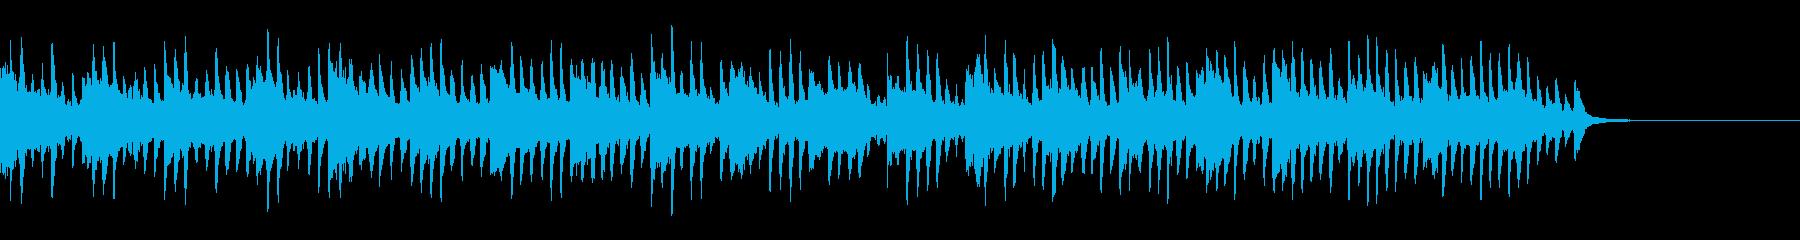 シンキングタイム~ゲーム風~の再生済みの波形